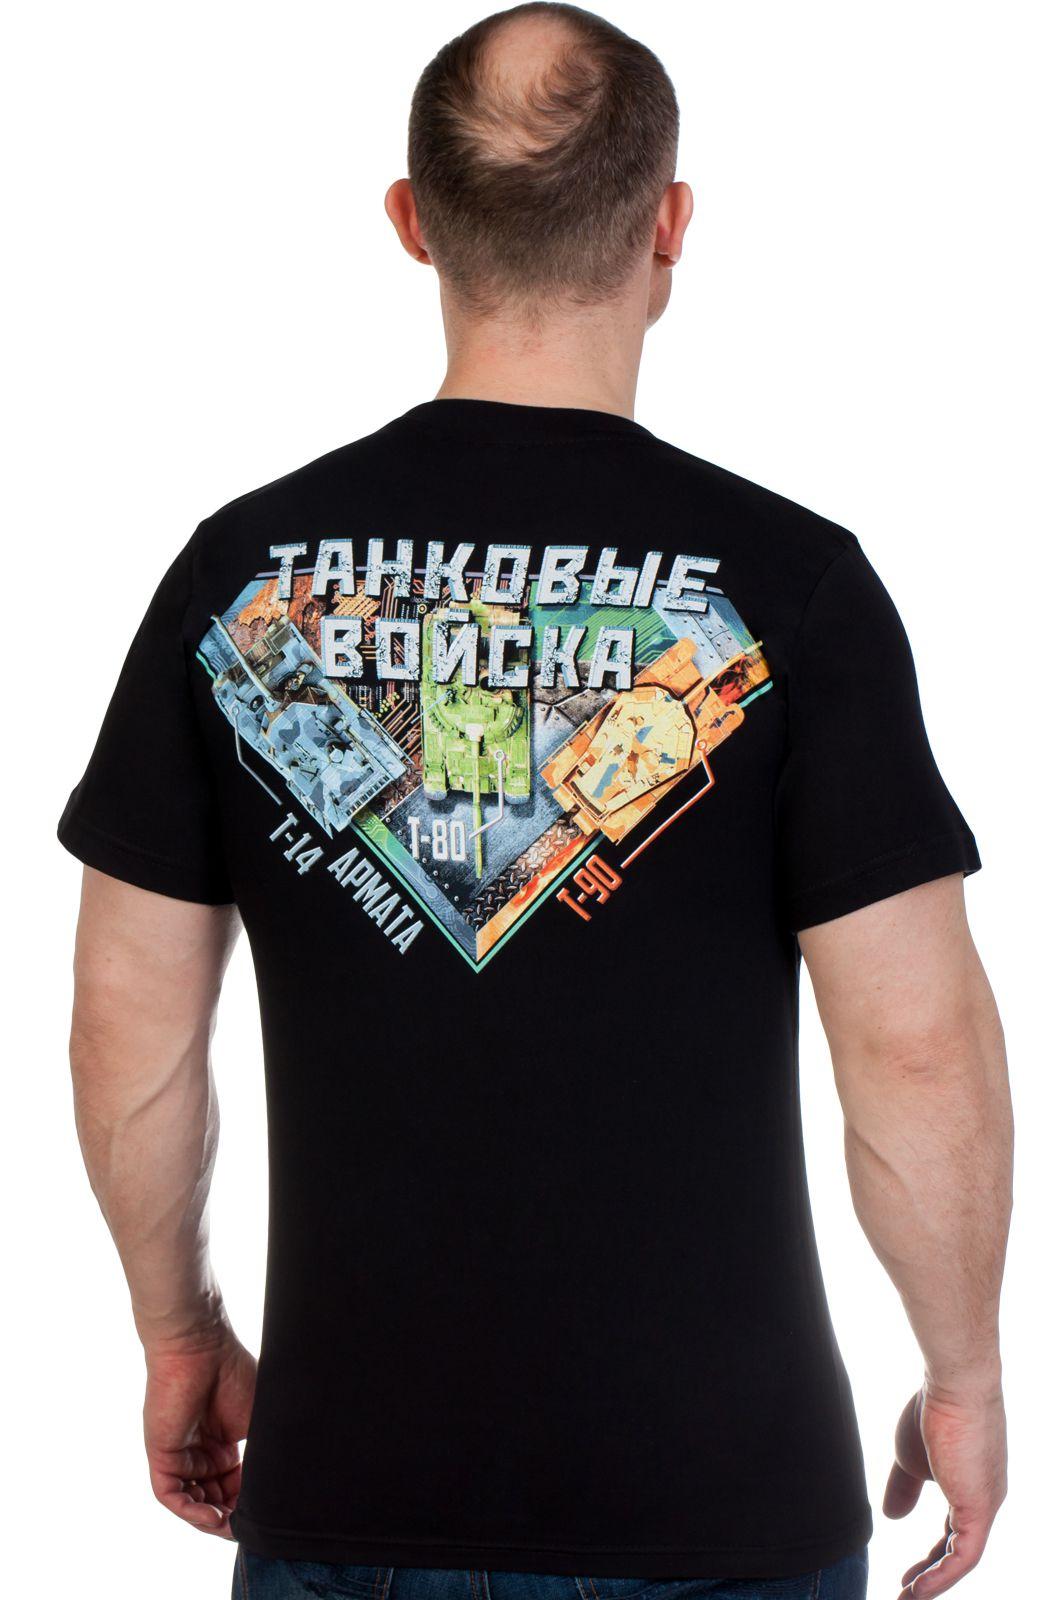 Заказать онлайн футболку с эмблемой танковых войск